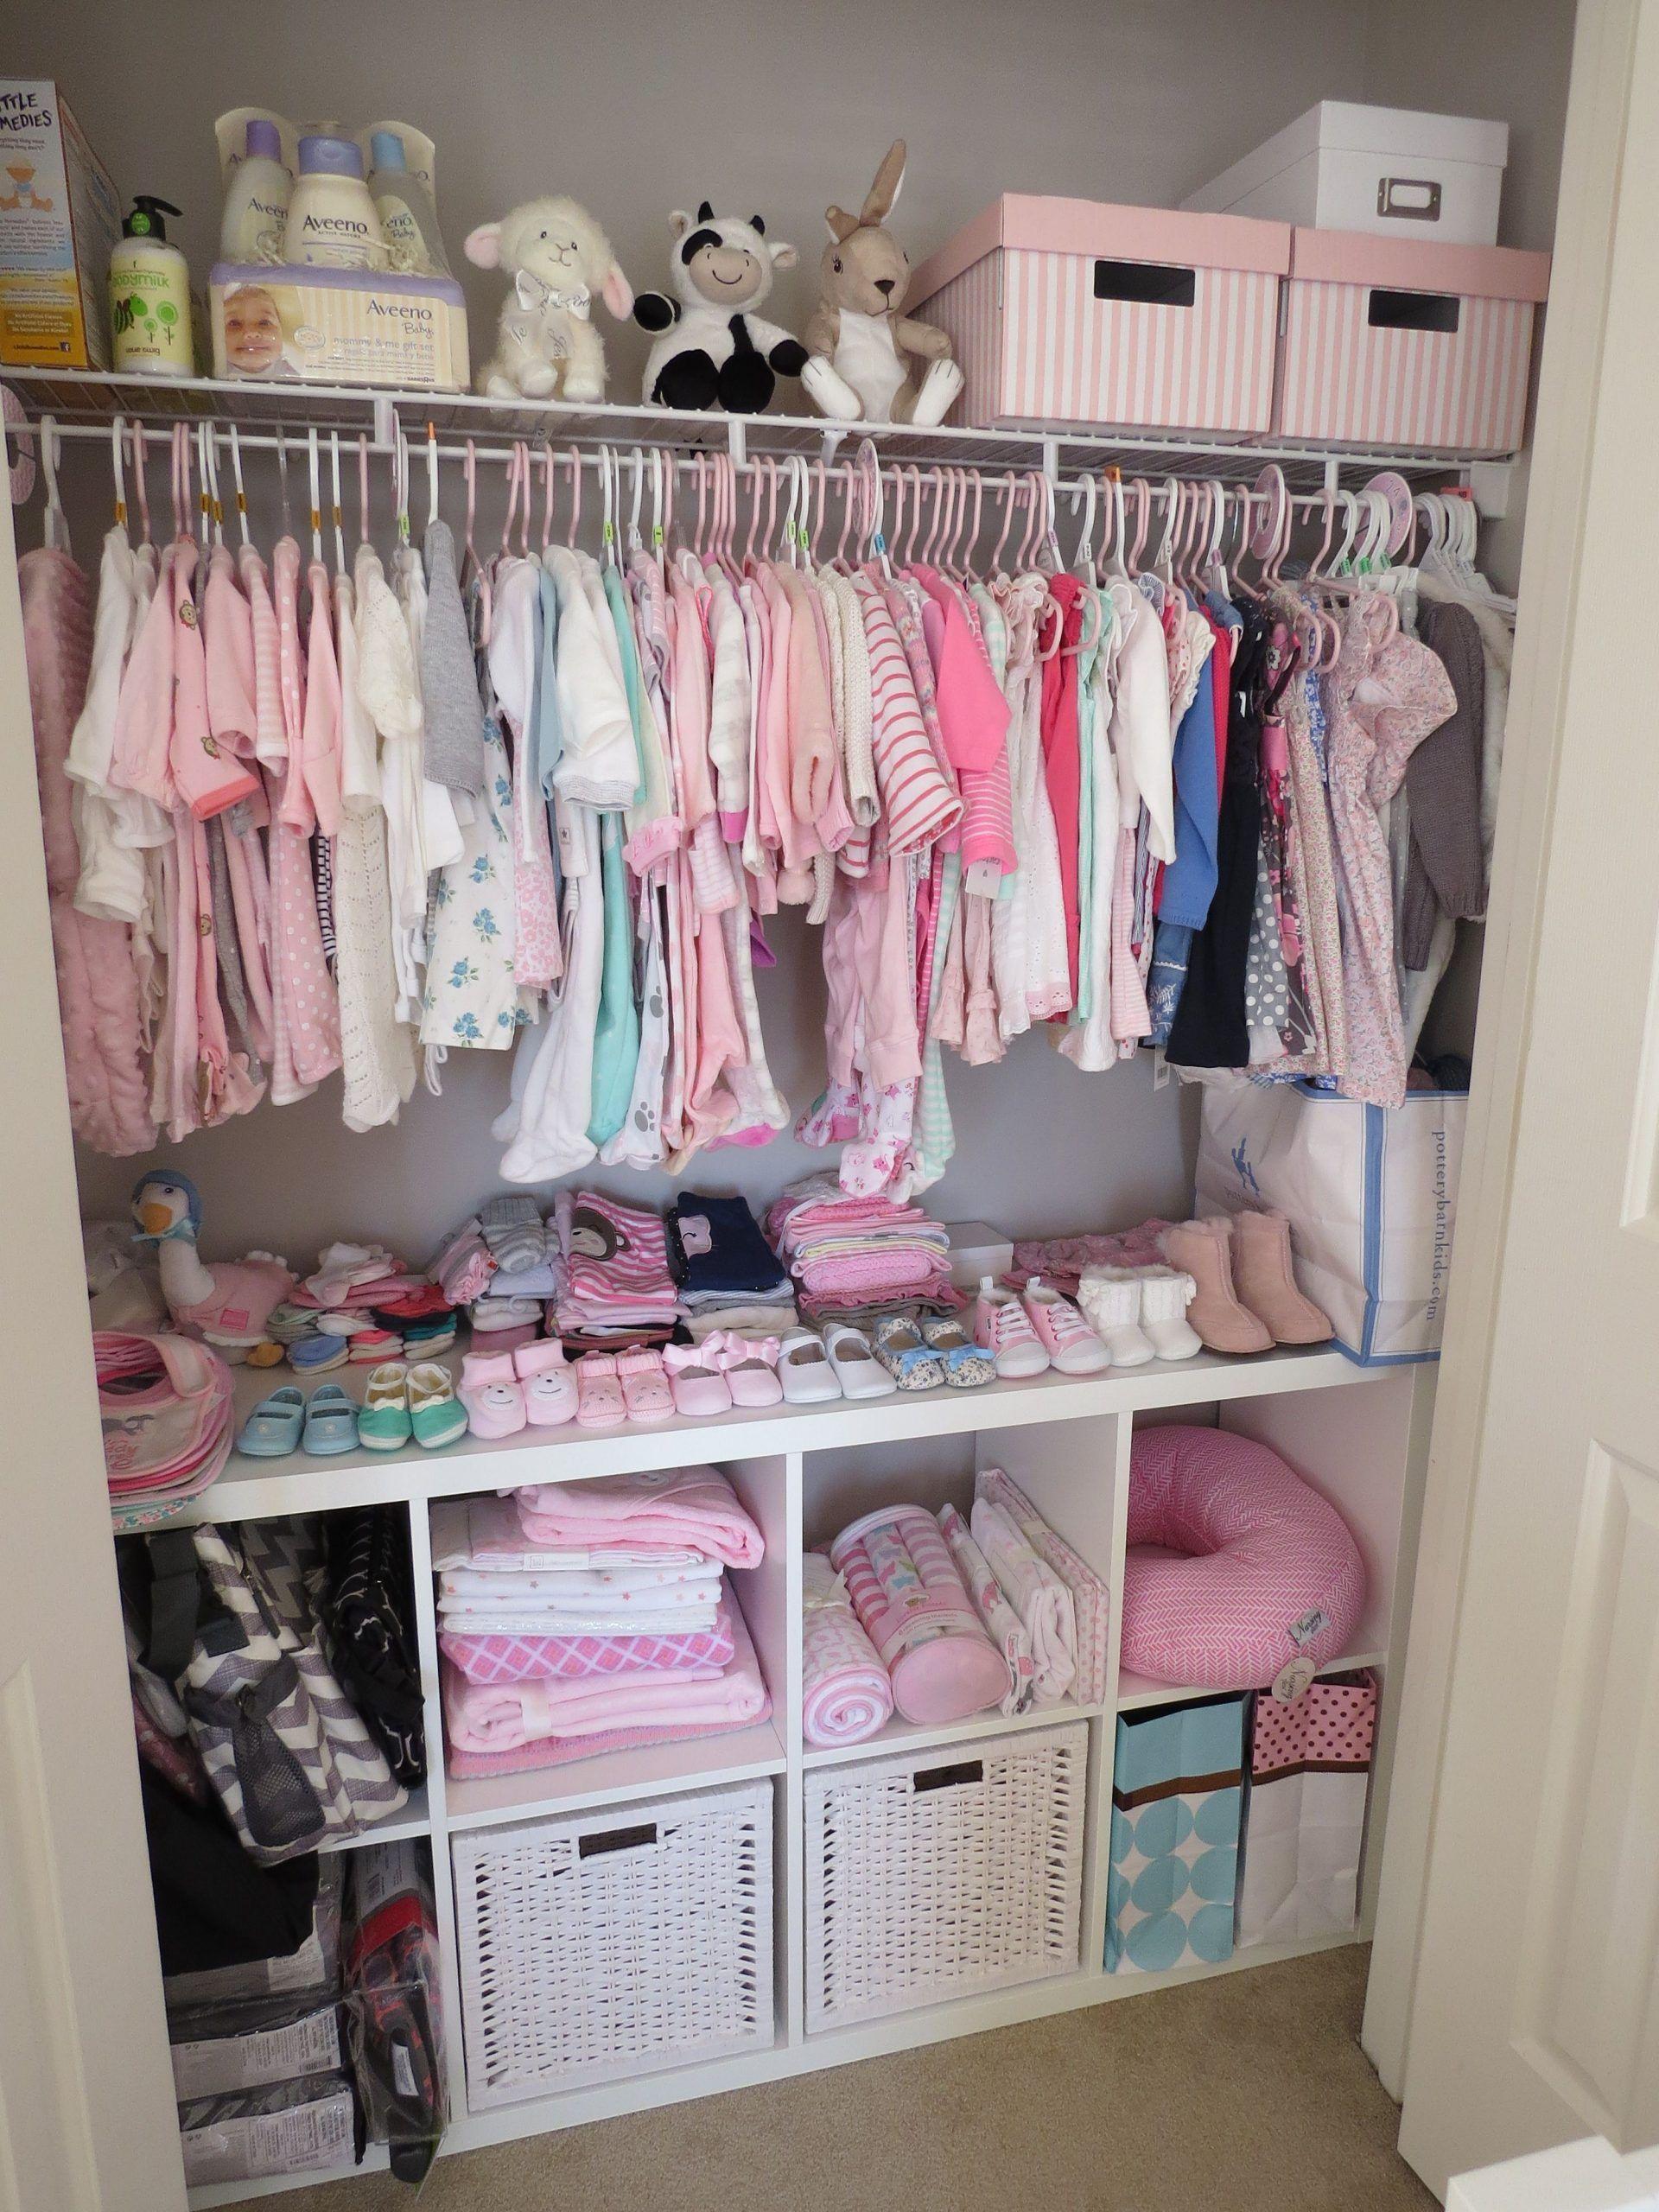 28 süße Baby Mädchen Zimmer Ideen #babygirlroomideas Baby Mädchen